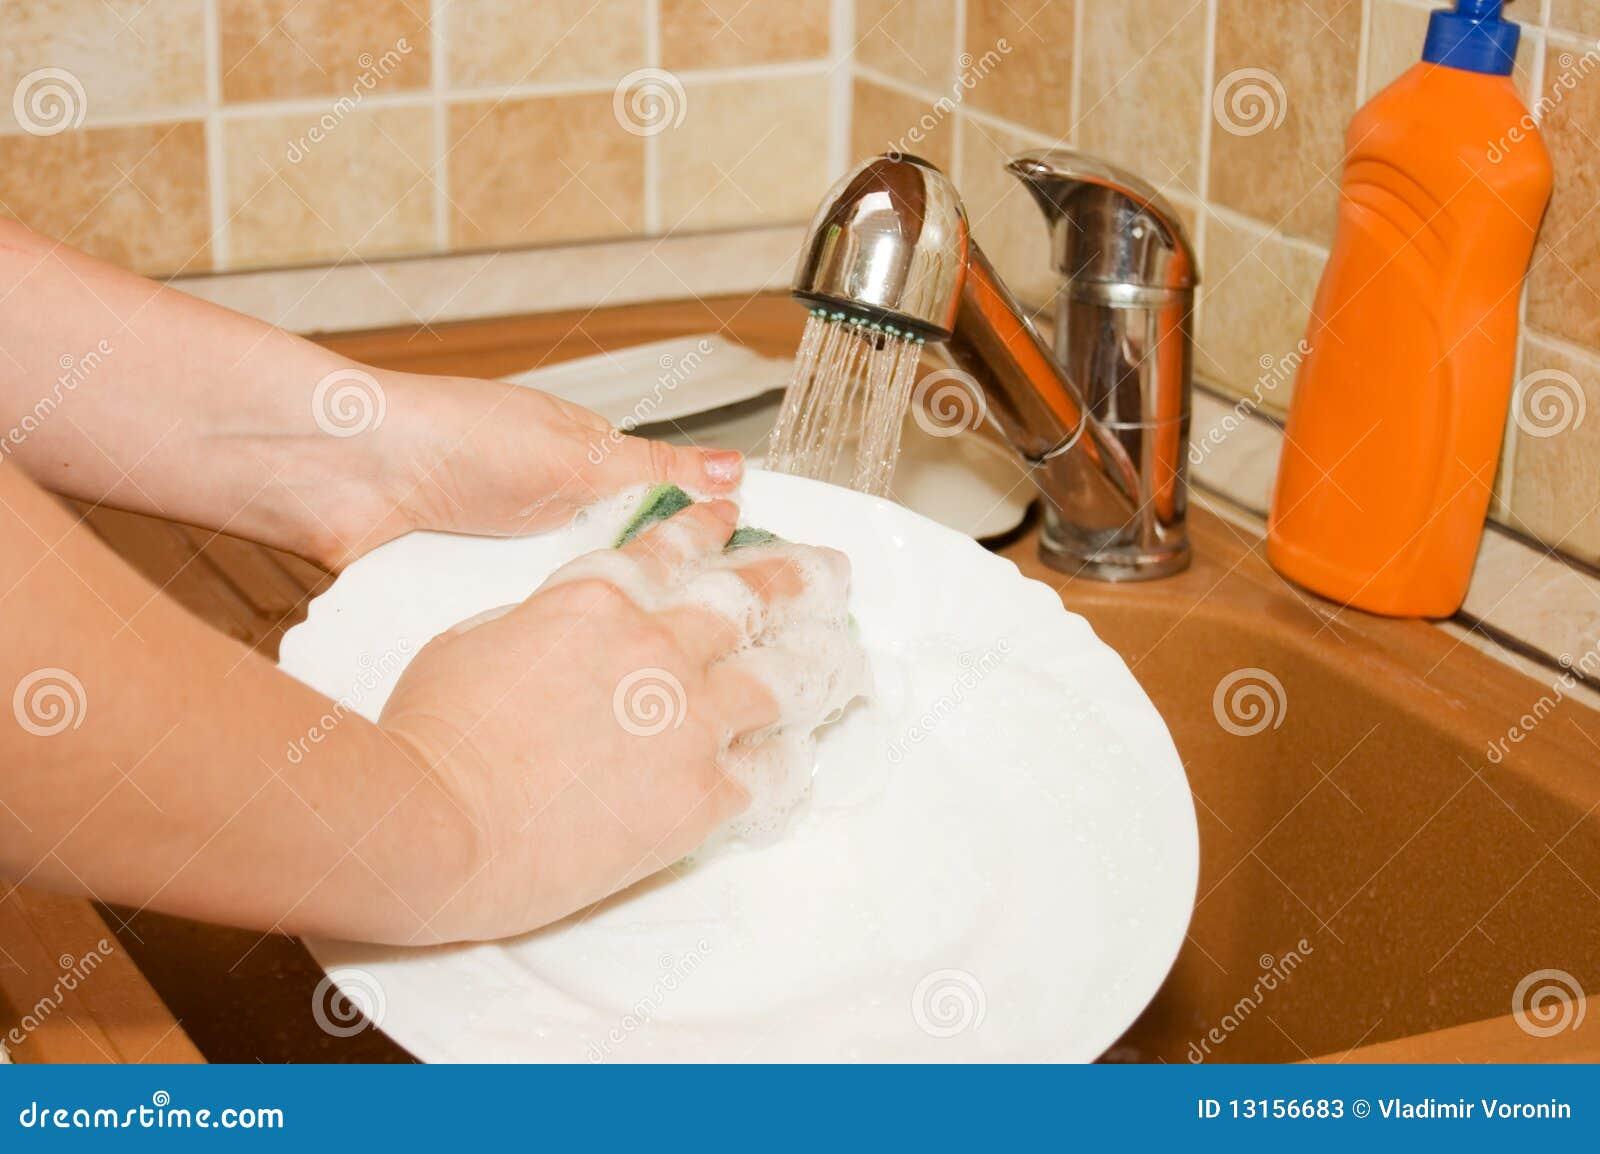 La donna lava gli articoli sulla cucina immagine stock - Articoli di cucina ...